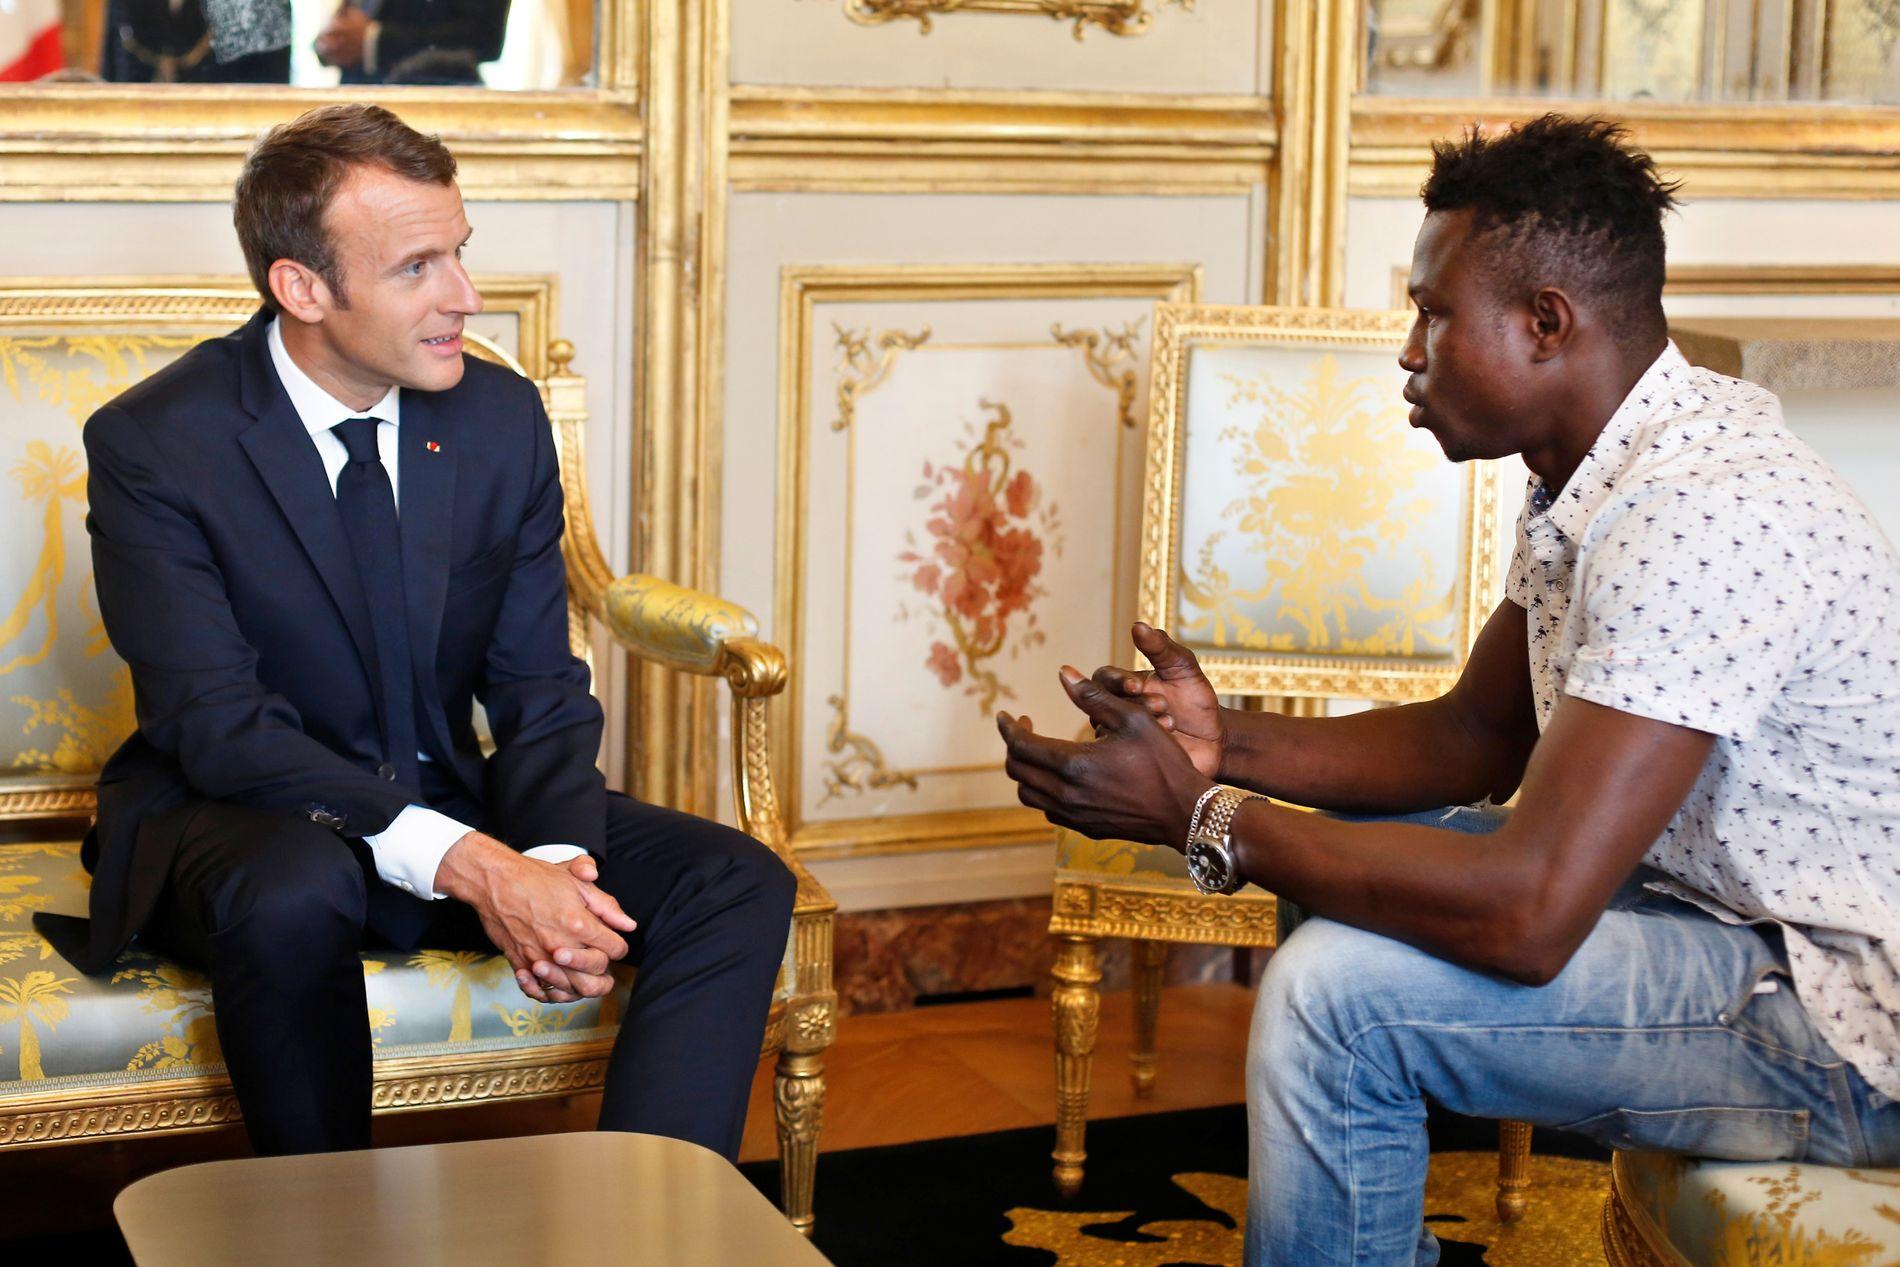 MACRON-BESØK: Frankrikes president Emmanuel Macron belønnet 22 år gamle Mamoudou Gassama statsborgerskap etter heltedåden.